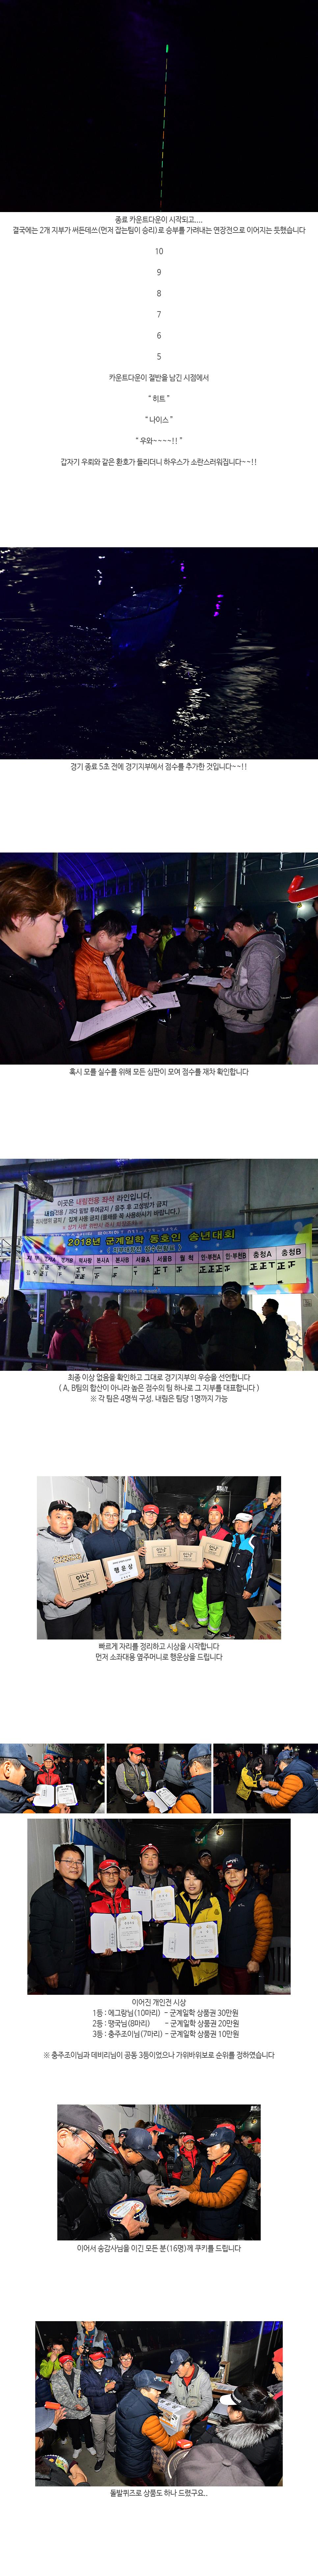 2018 군계일학 송년회(농촌지) - 09.jpg